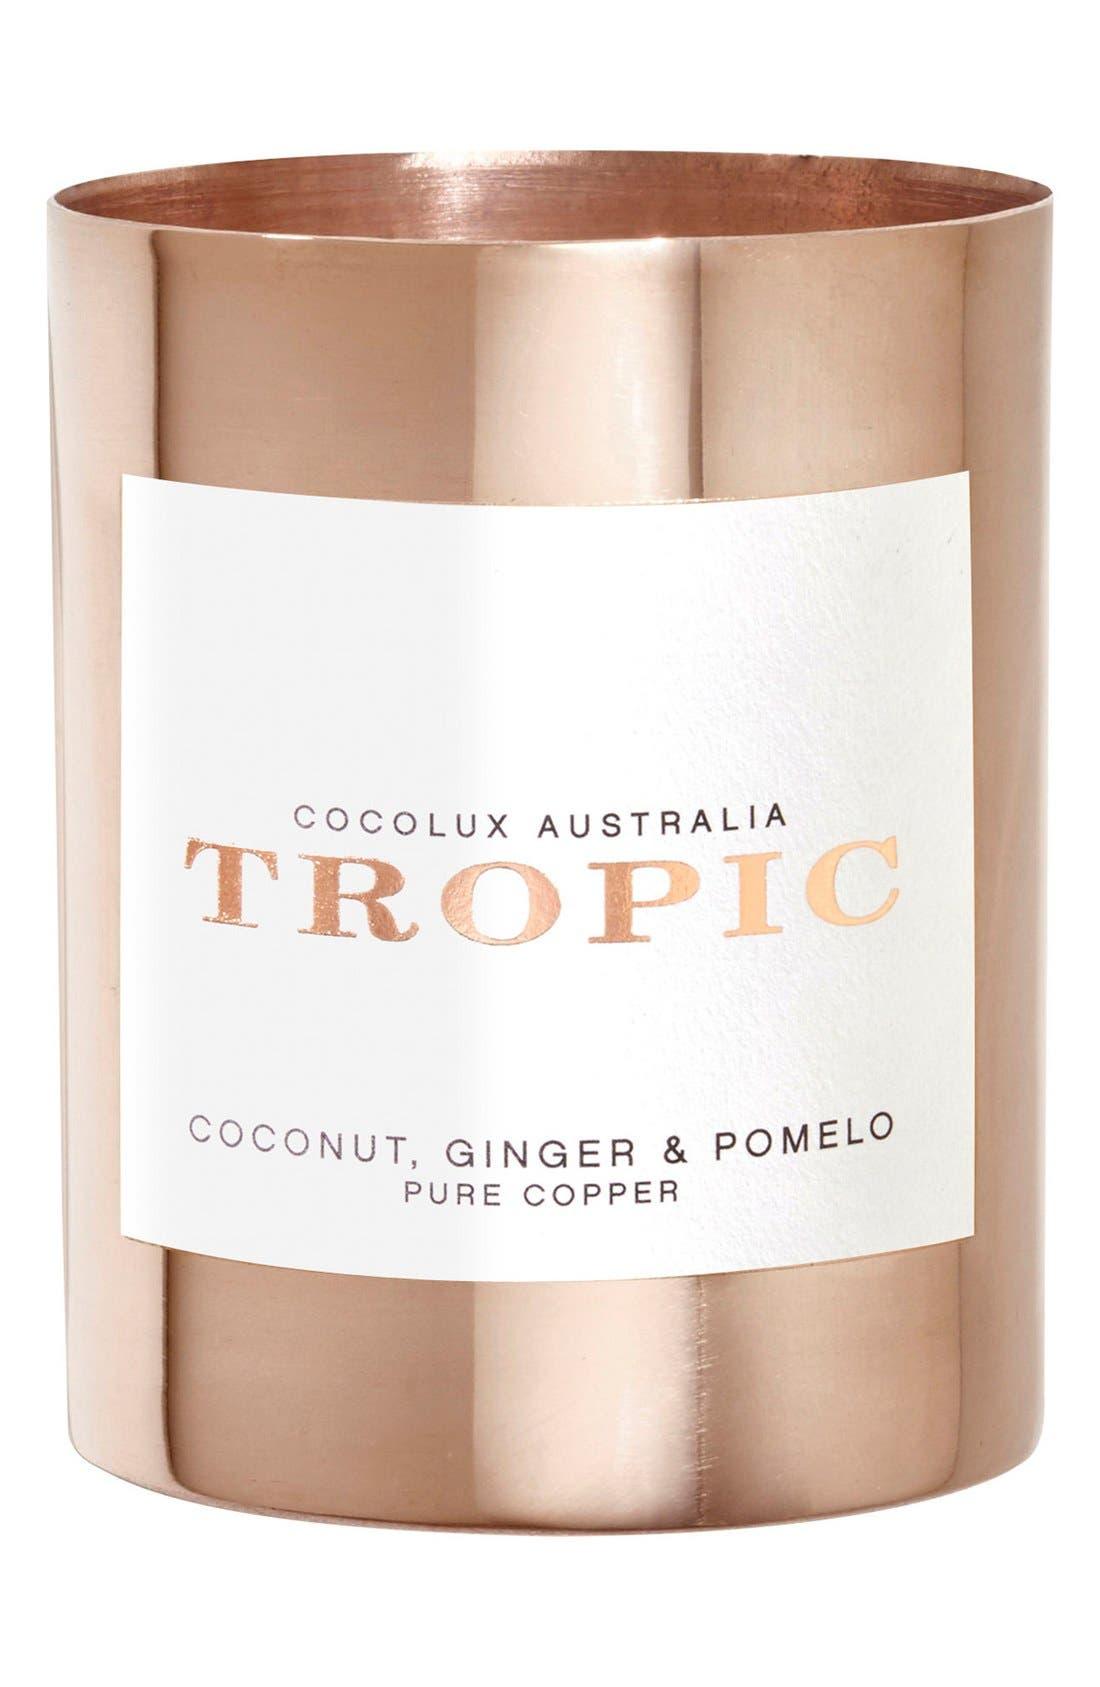 Cocolux Australia Coconut, Ginger & Pomelo Small Copper Candle